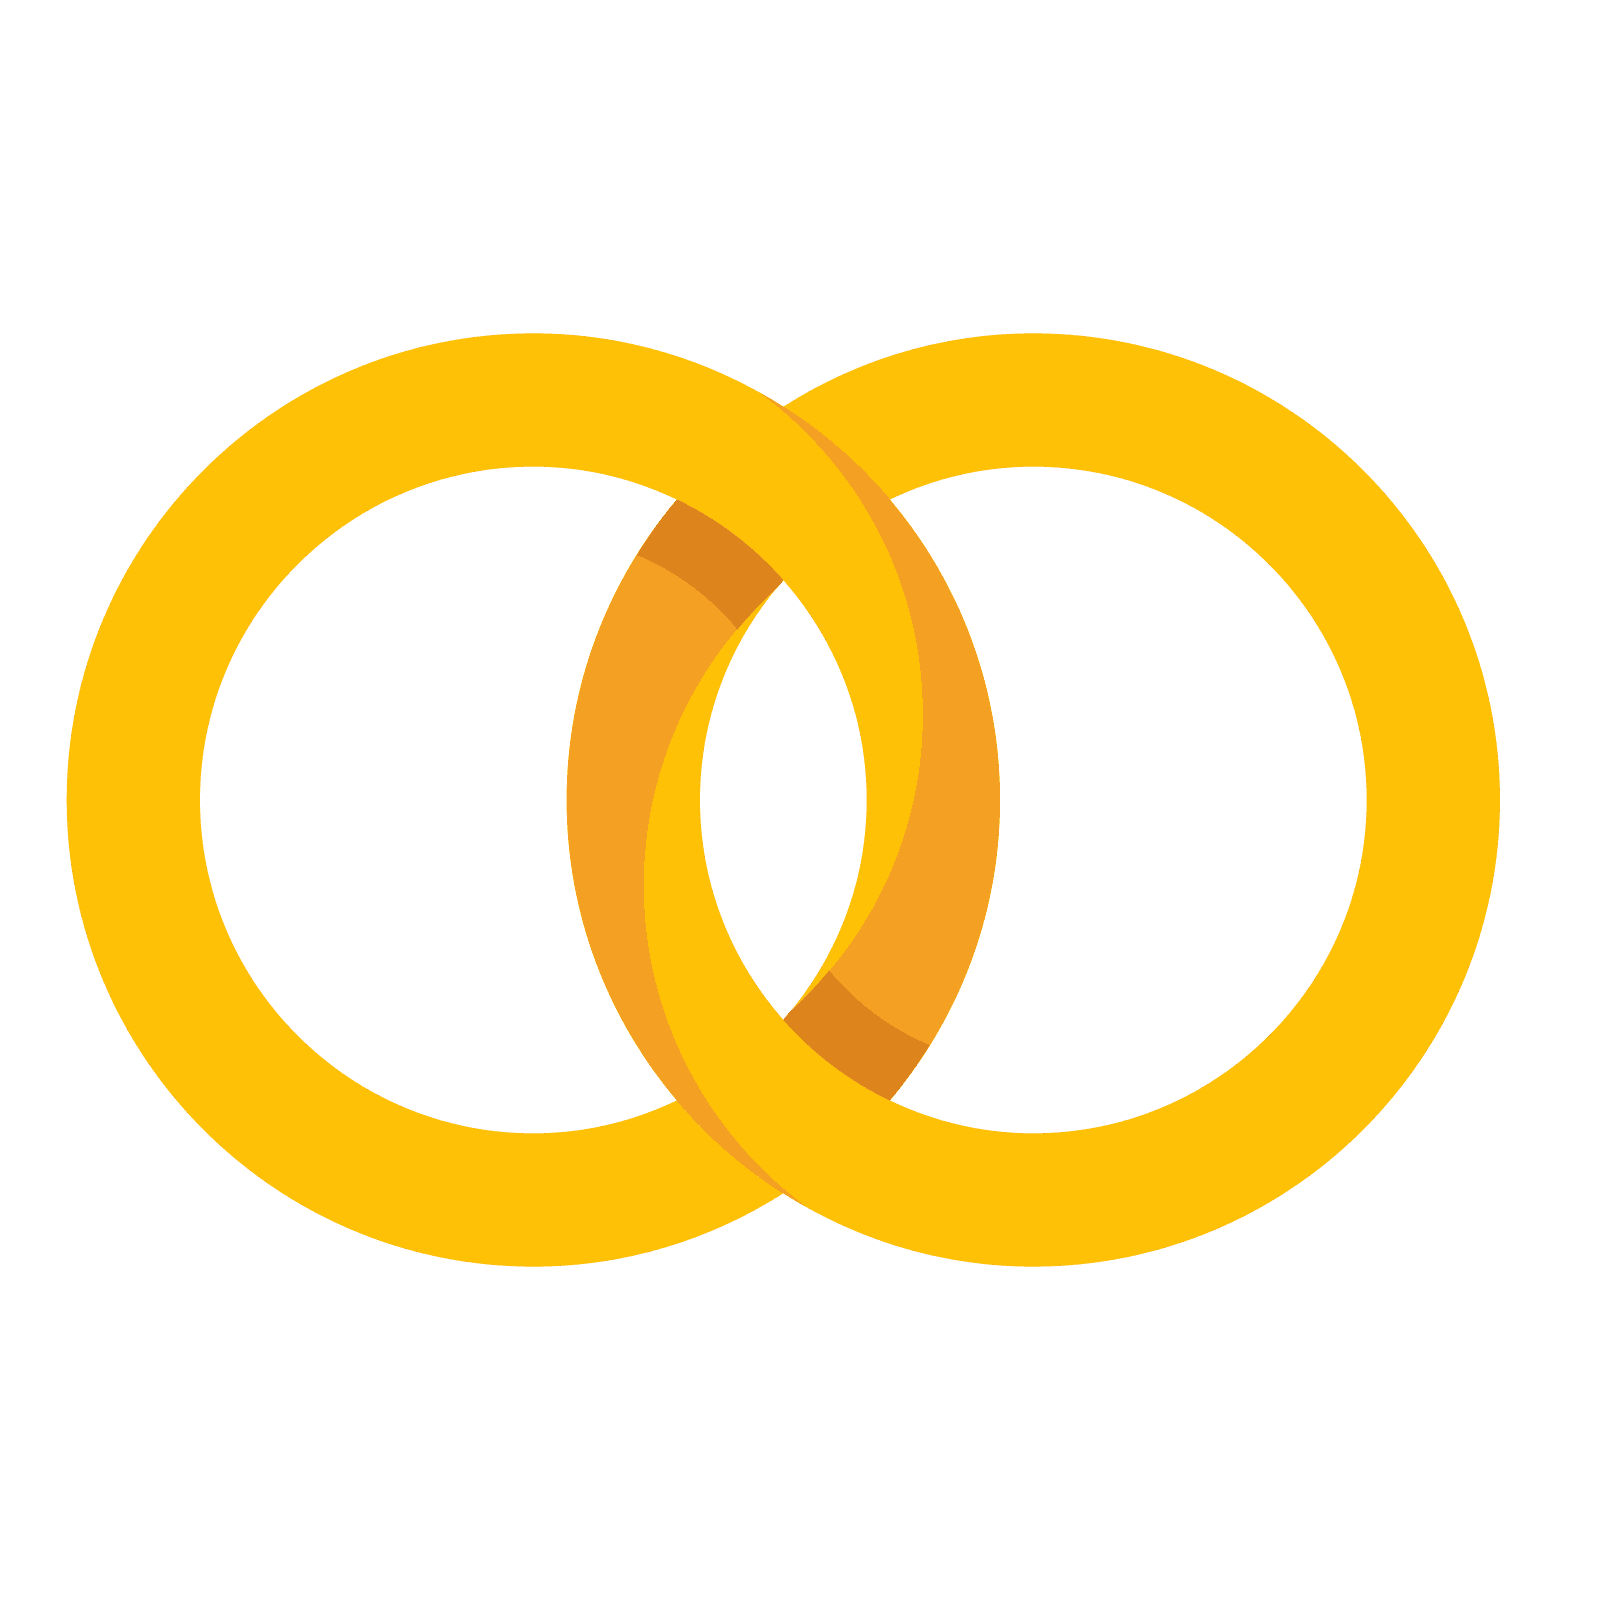 PNG Eheringe Kostenlos - 62548